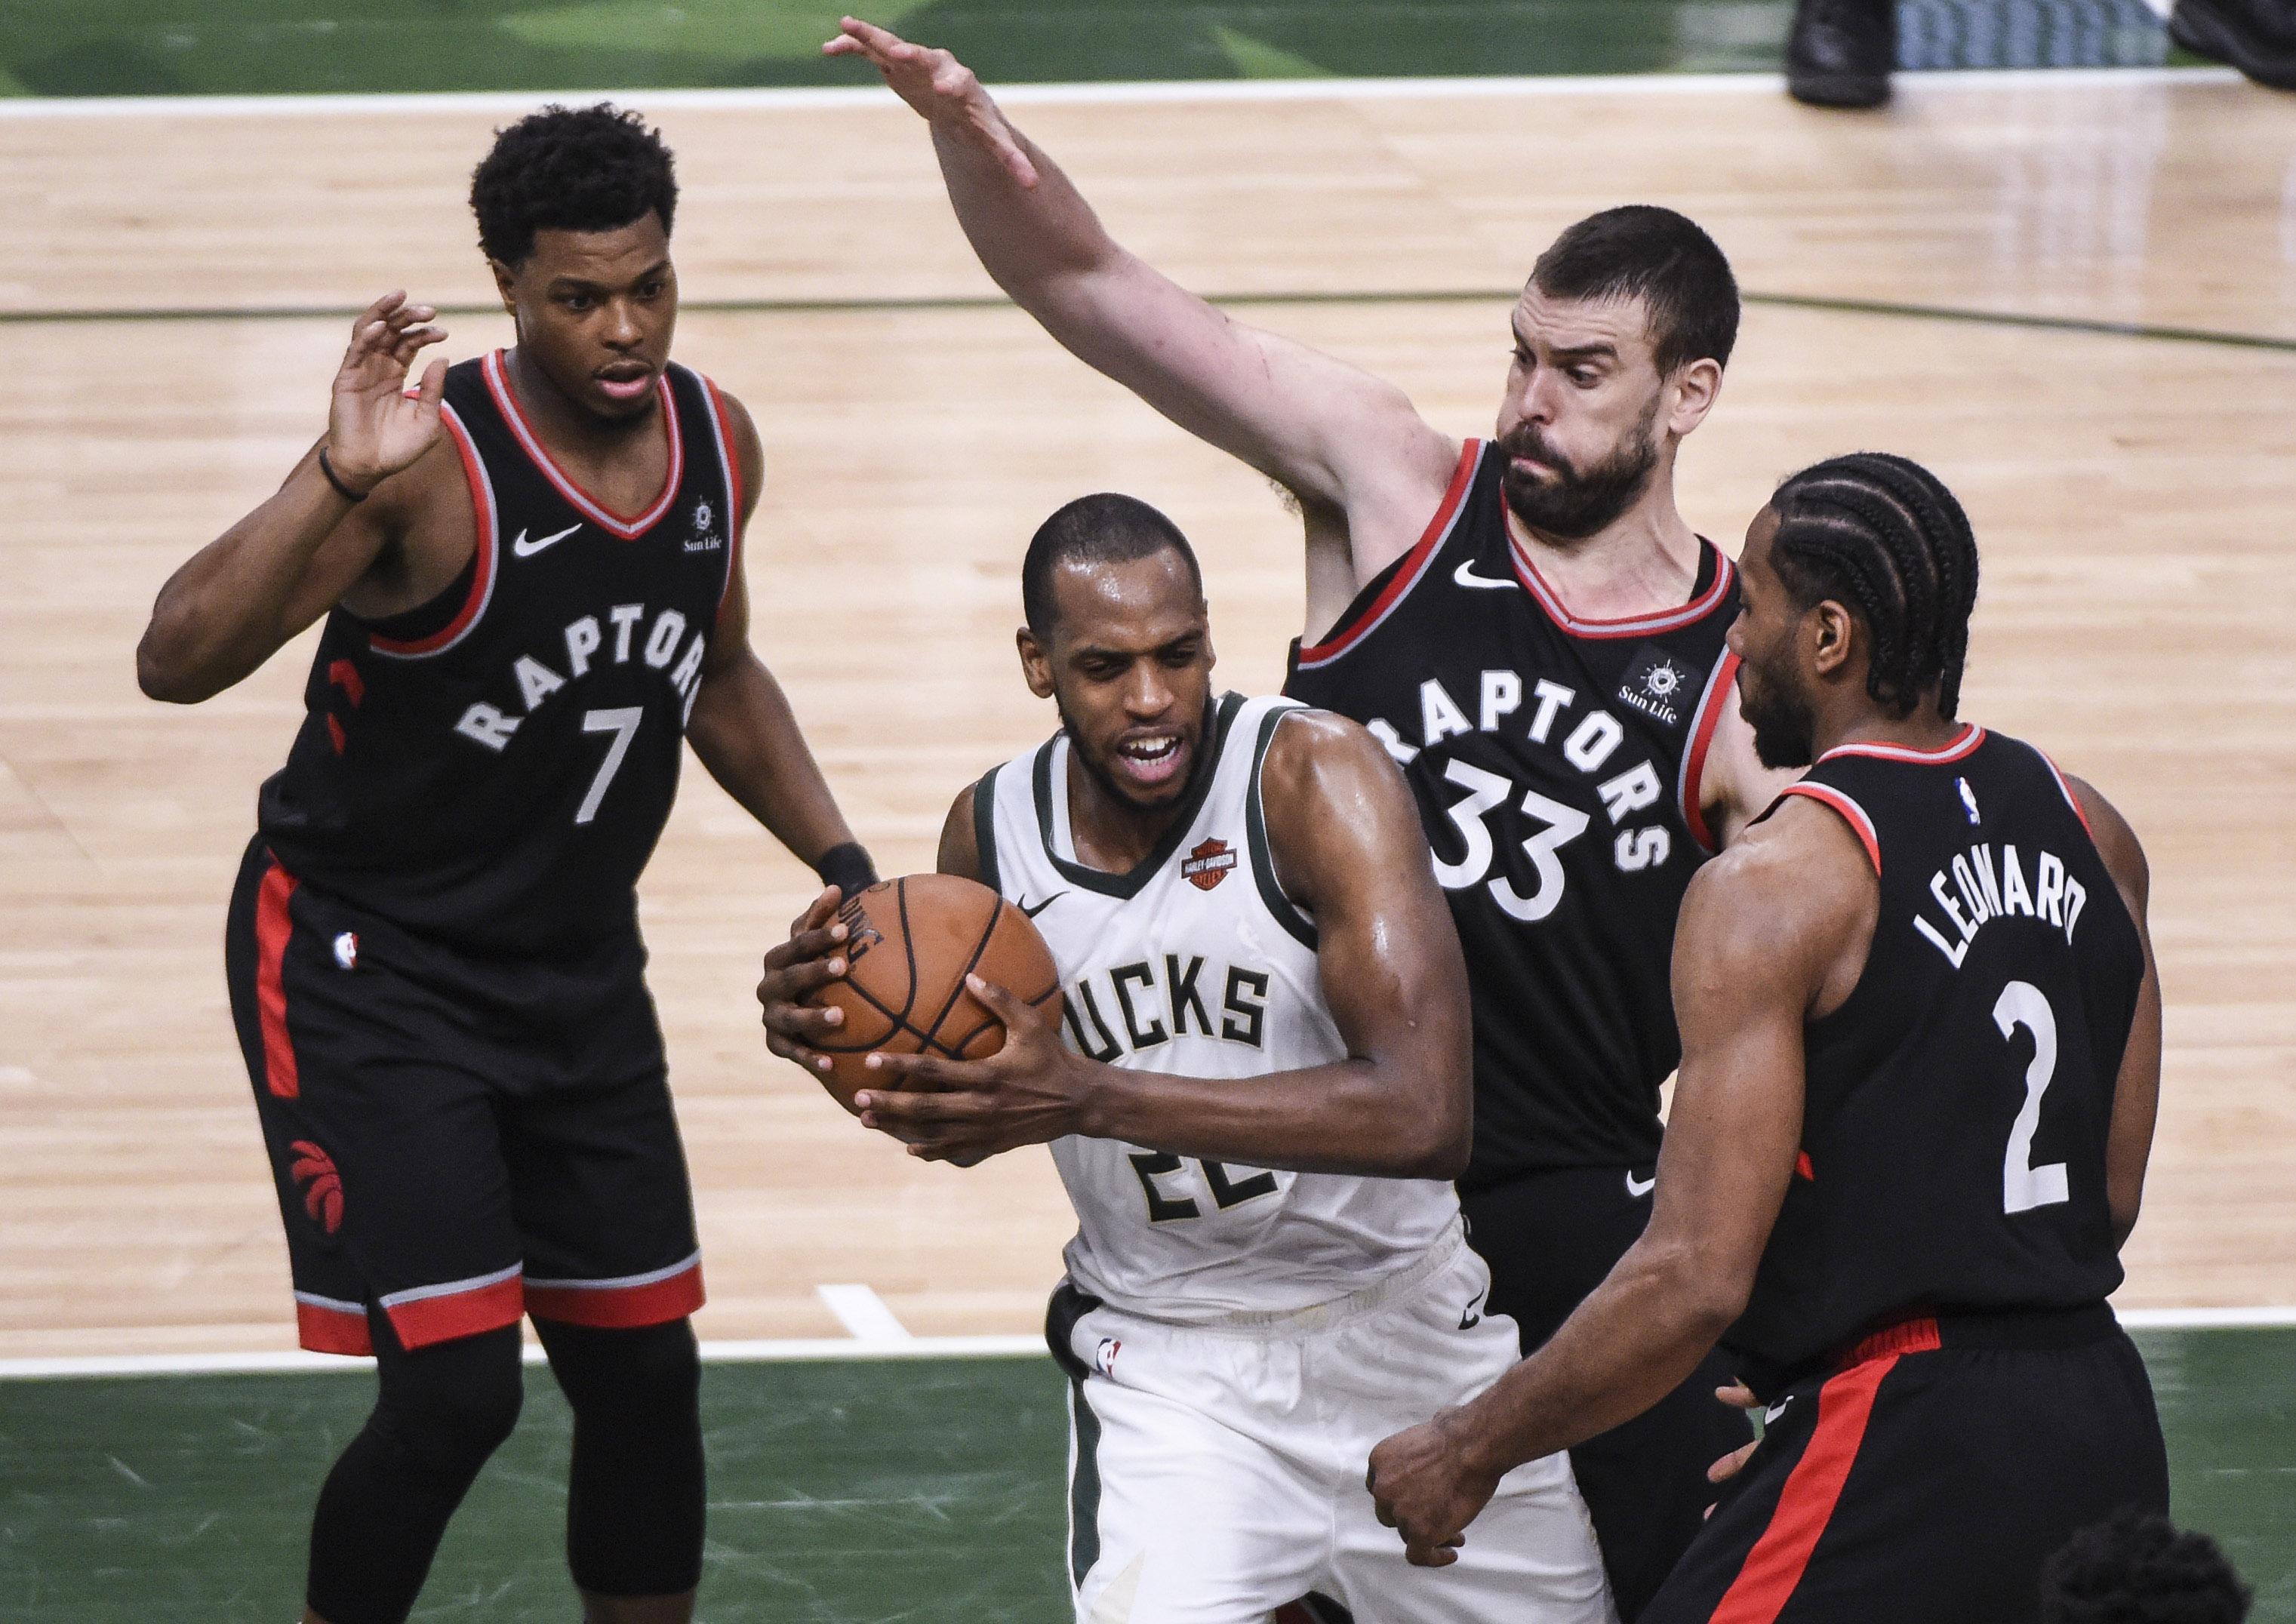 Raptors seek rebound as Game 2 underdogs at Bucks